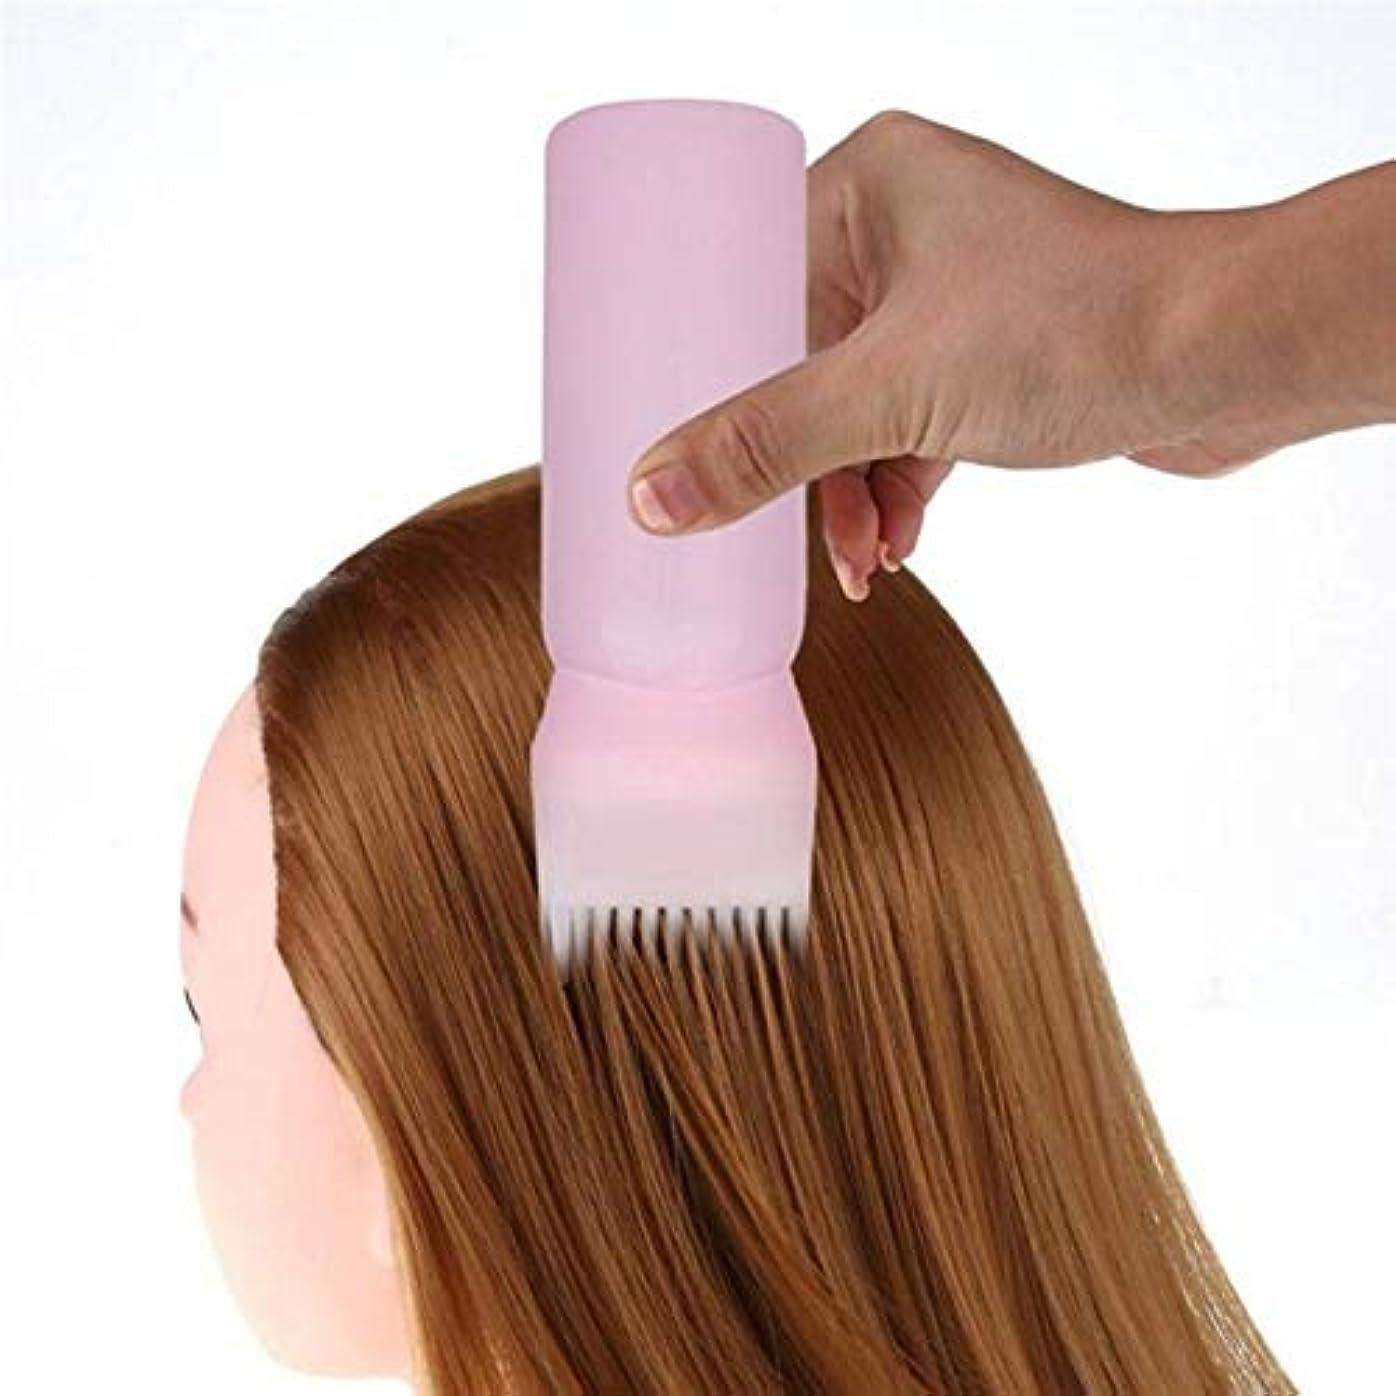 カフェテリアフラッシュのように素早くマザーランドNaliovker 染色シャンプーボトル オイル櫛 120MLヘアツール ヘア染色アプリケーター ブラシ ボトル スタイリングツール 染毛